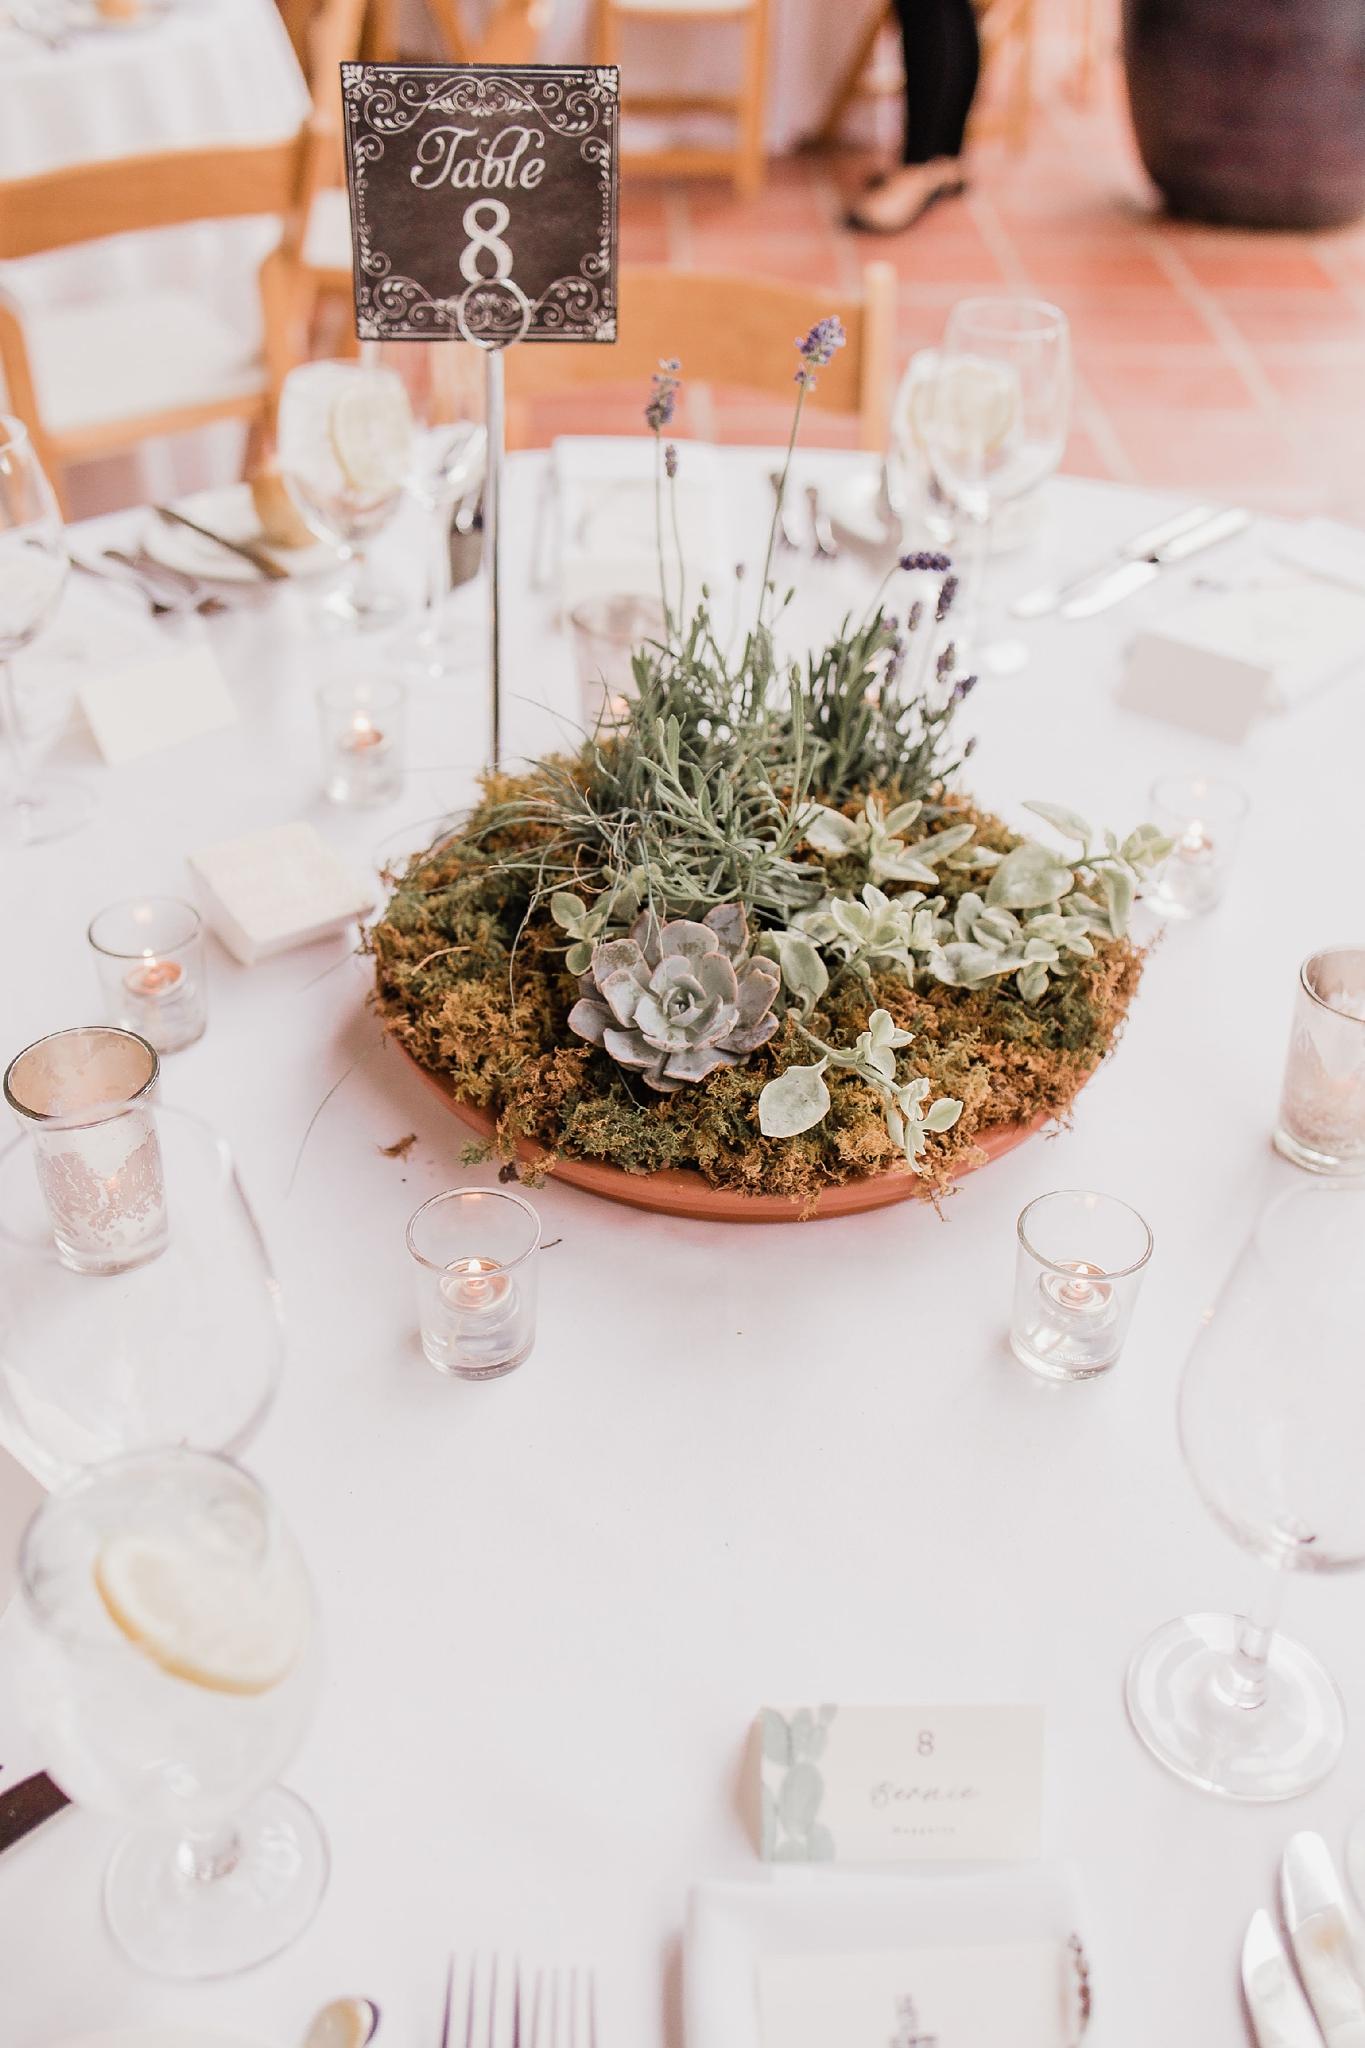 Alicia+lucia+photography+-+albuquerque+wedding+photographer+-+santa+fe+wedding+photography+-+new+mexico+wedding+photographer+-+new+mexico+wedding+-+summer+wedding+-+summer+wedding+florals+-+southwest+wedding_0102.jpg